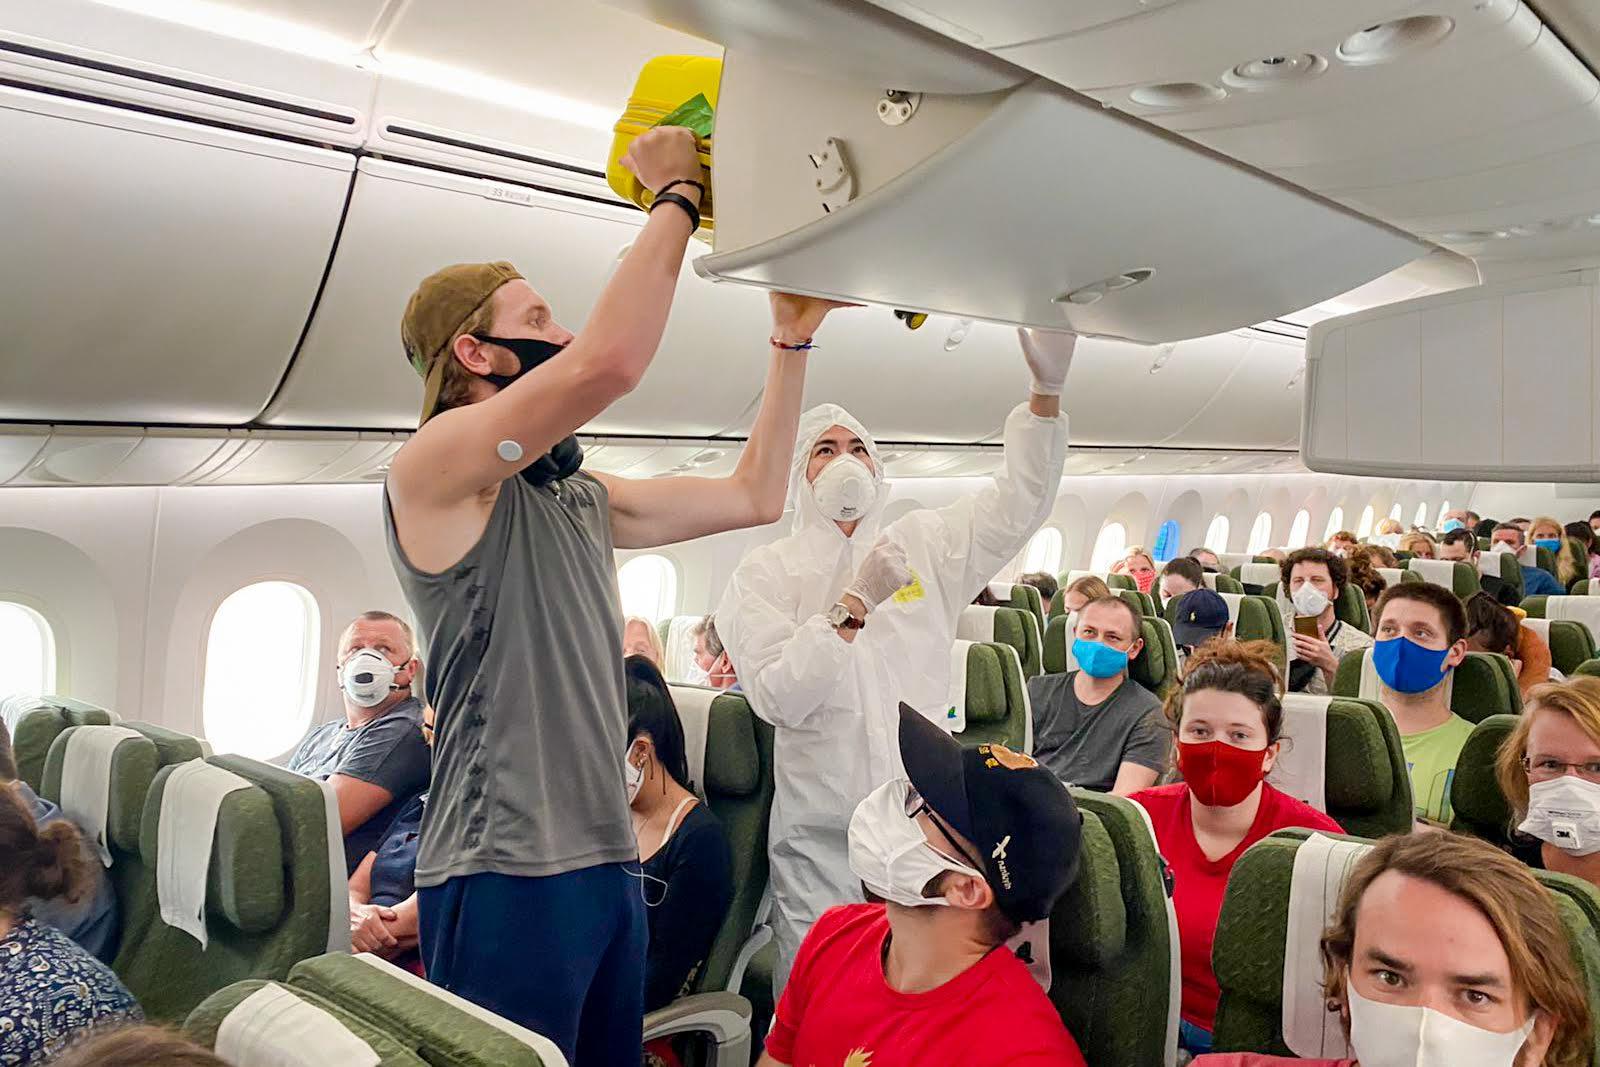 Ngày 10/5, Bamboo Airways thực hiện chuyến bay đặc biệt đưa công dân Anh và EU tại Việt Nam về Anh  - Ảnh 1